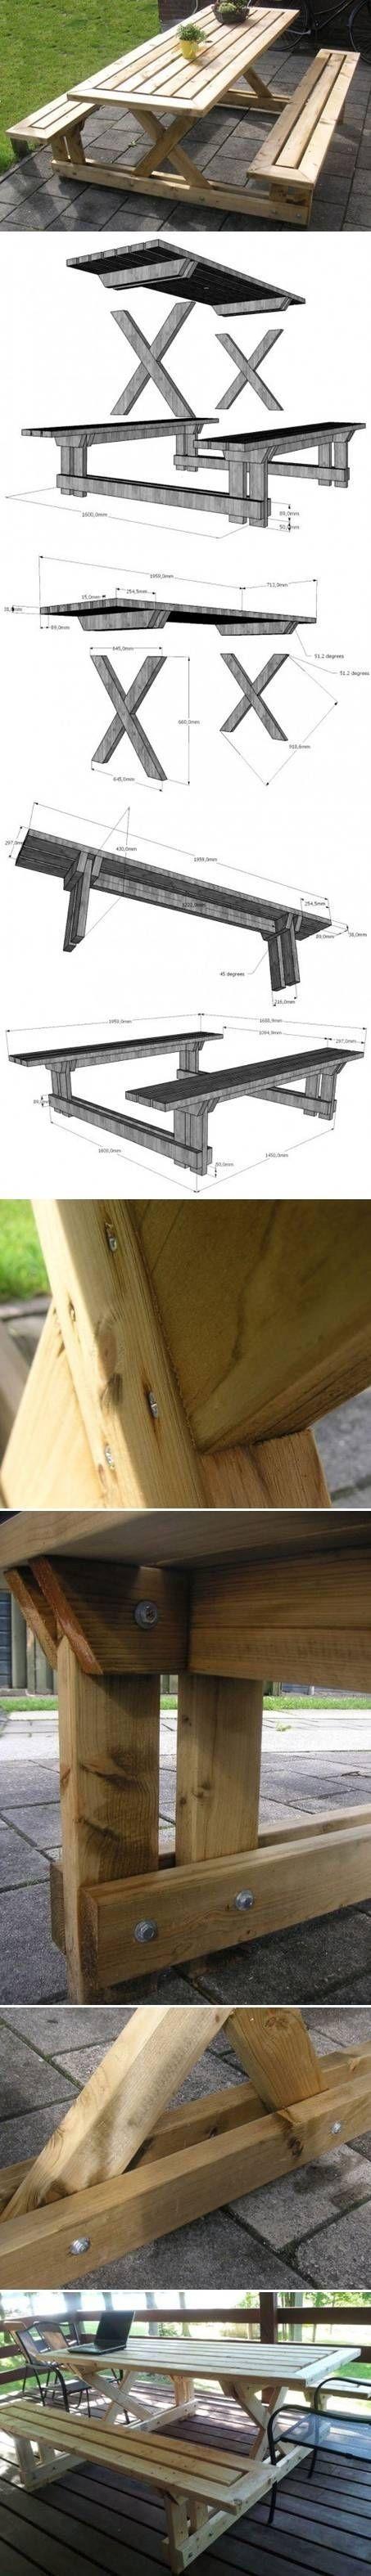 DIY Garden Bench and Table